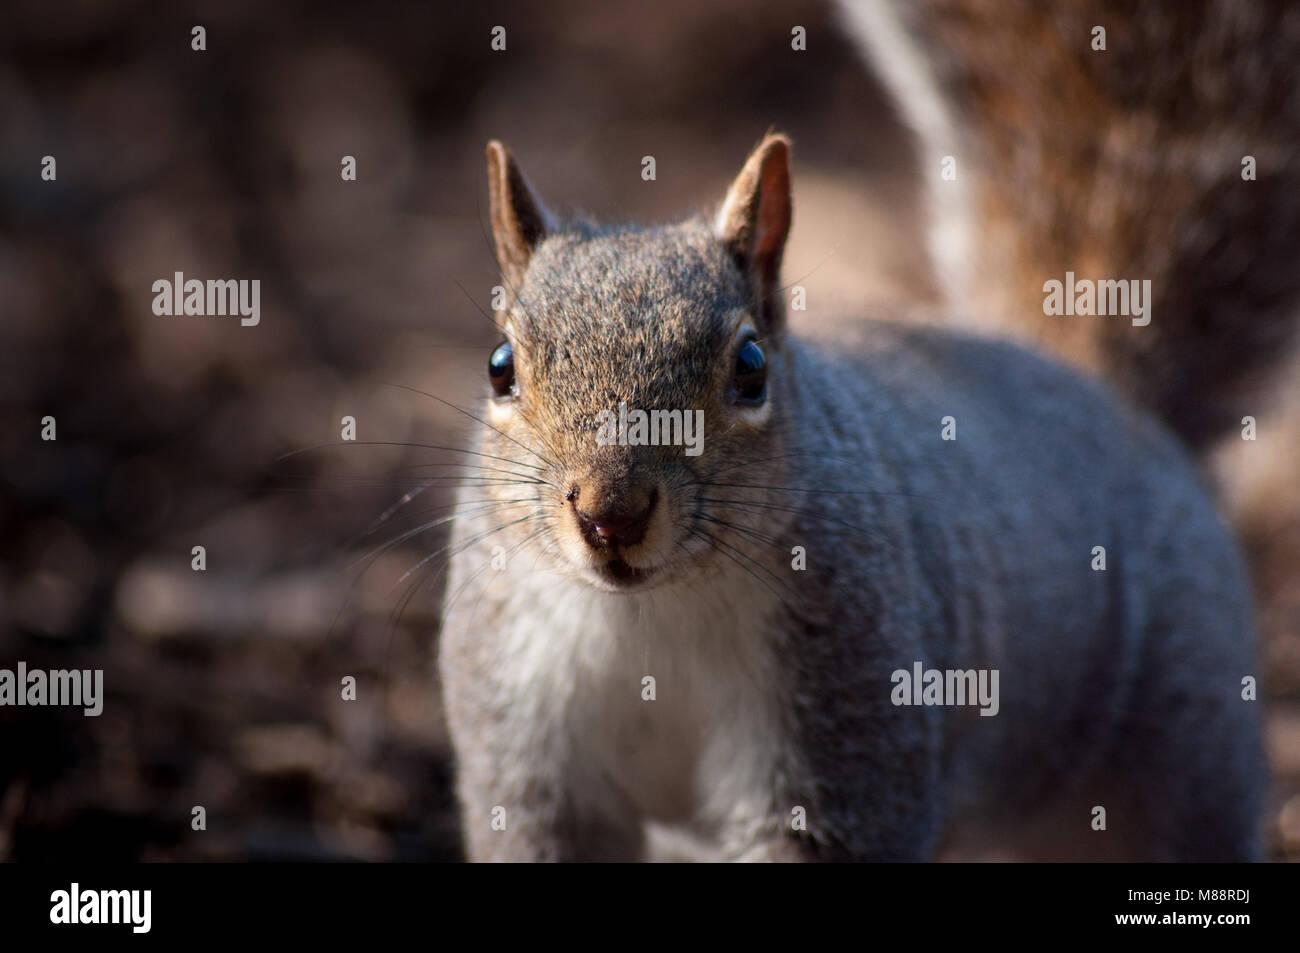 Squirrel Portrait - Stock Image